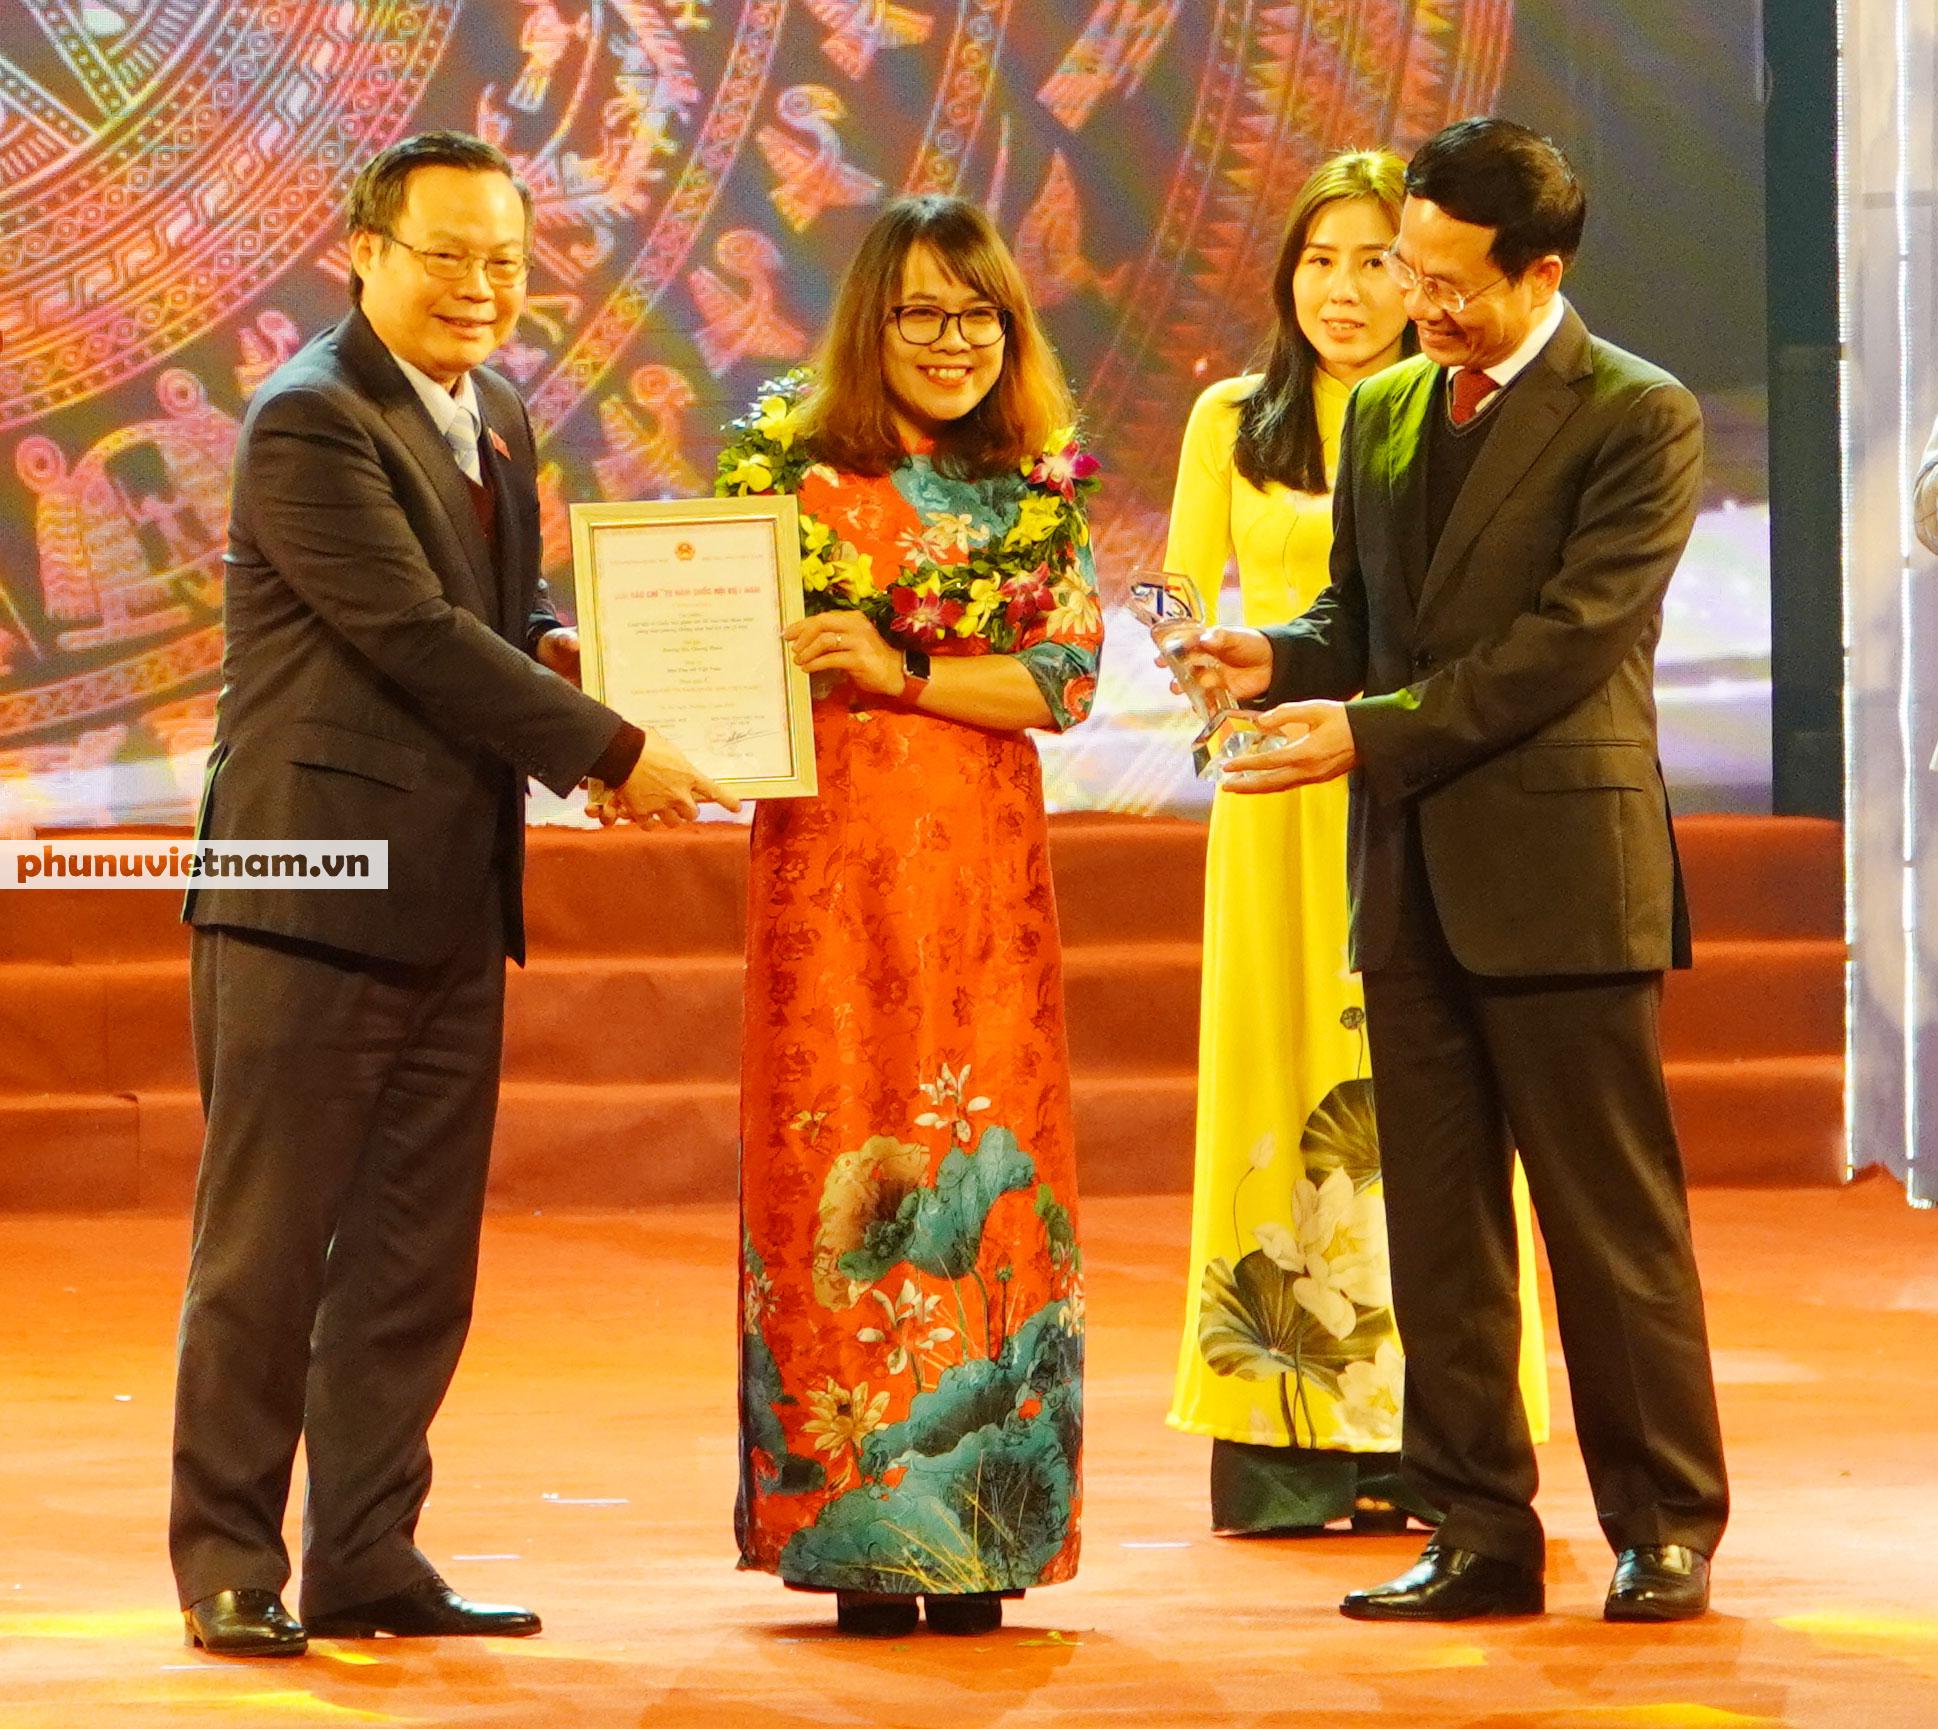 """Báo Phụ nữ Việt Nam đạt Giải C Giải Báo chí """"75 năm Quốc hội Việt Nam"""" - Ảnh 2."""